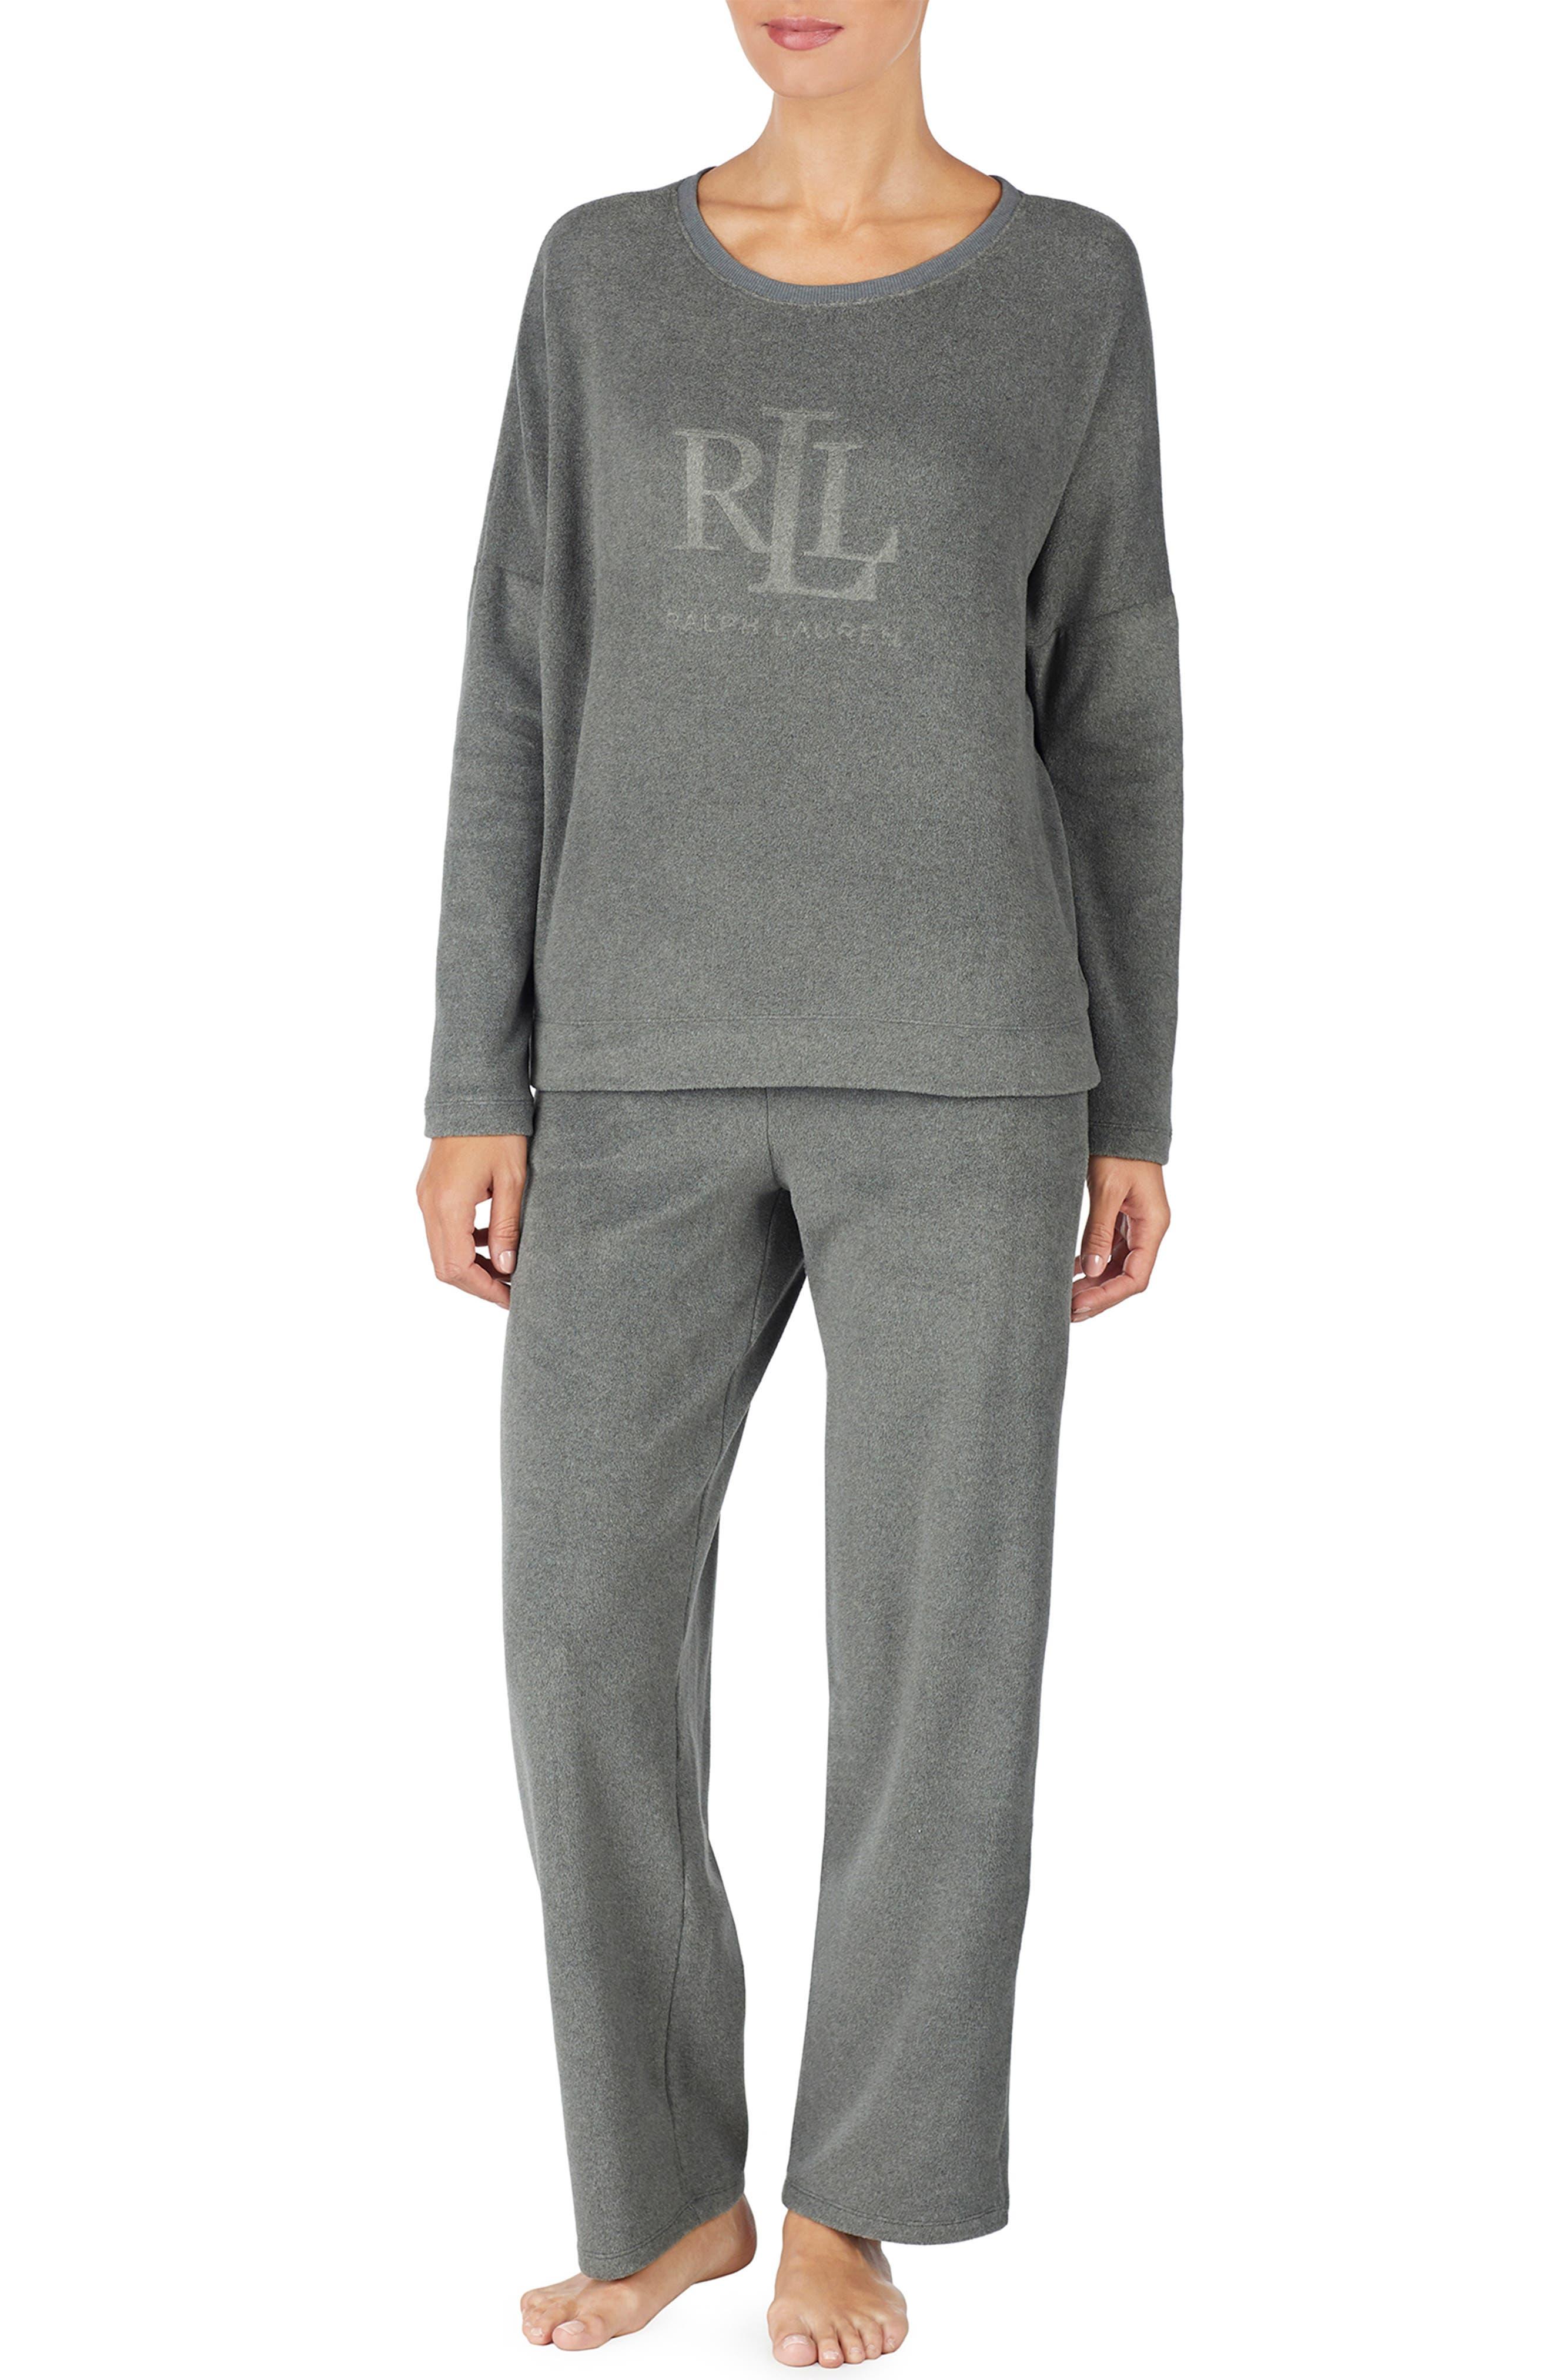 LAUREN RALPH LAUREN Logo Sweatshirt, Main, color, GREY